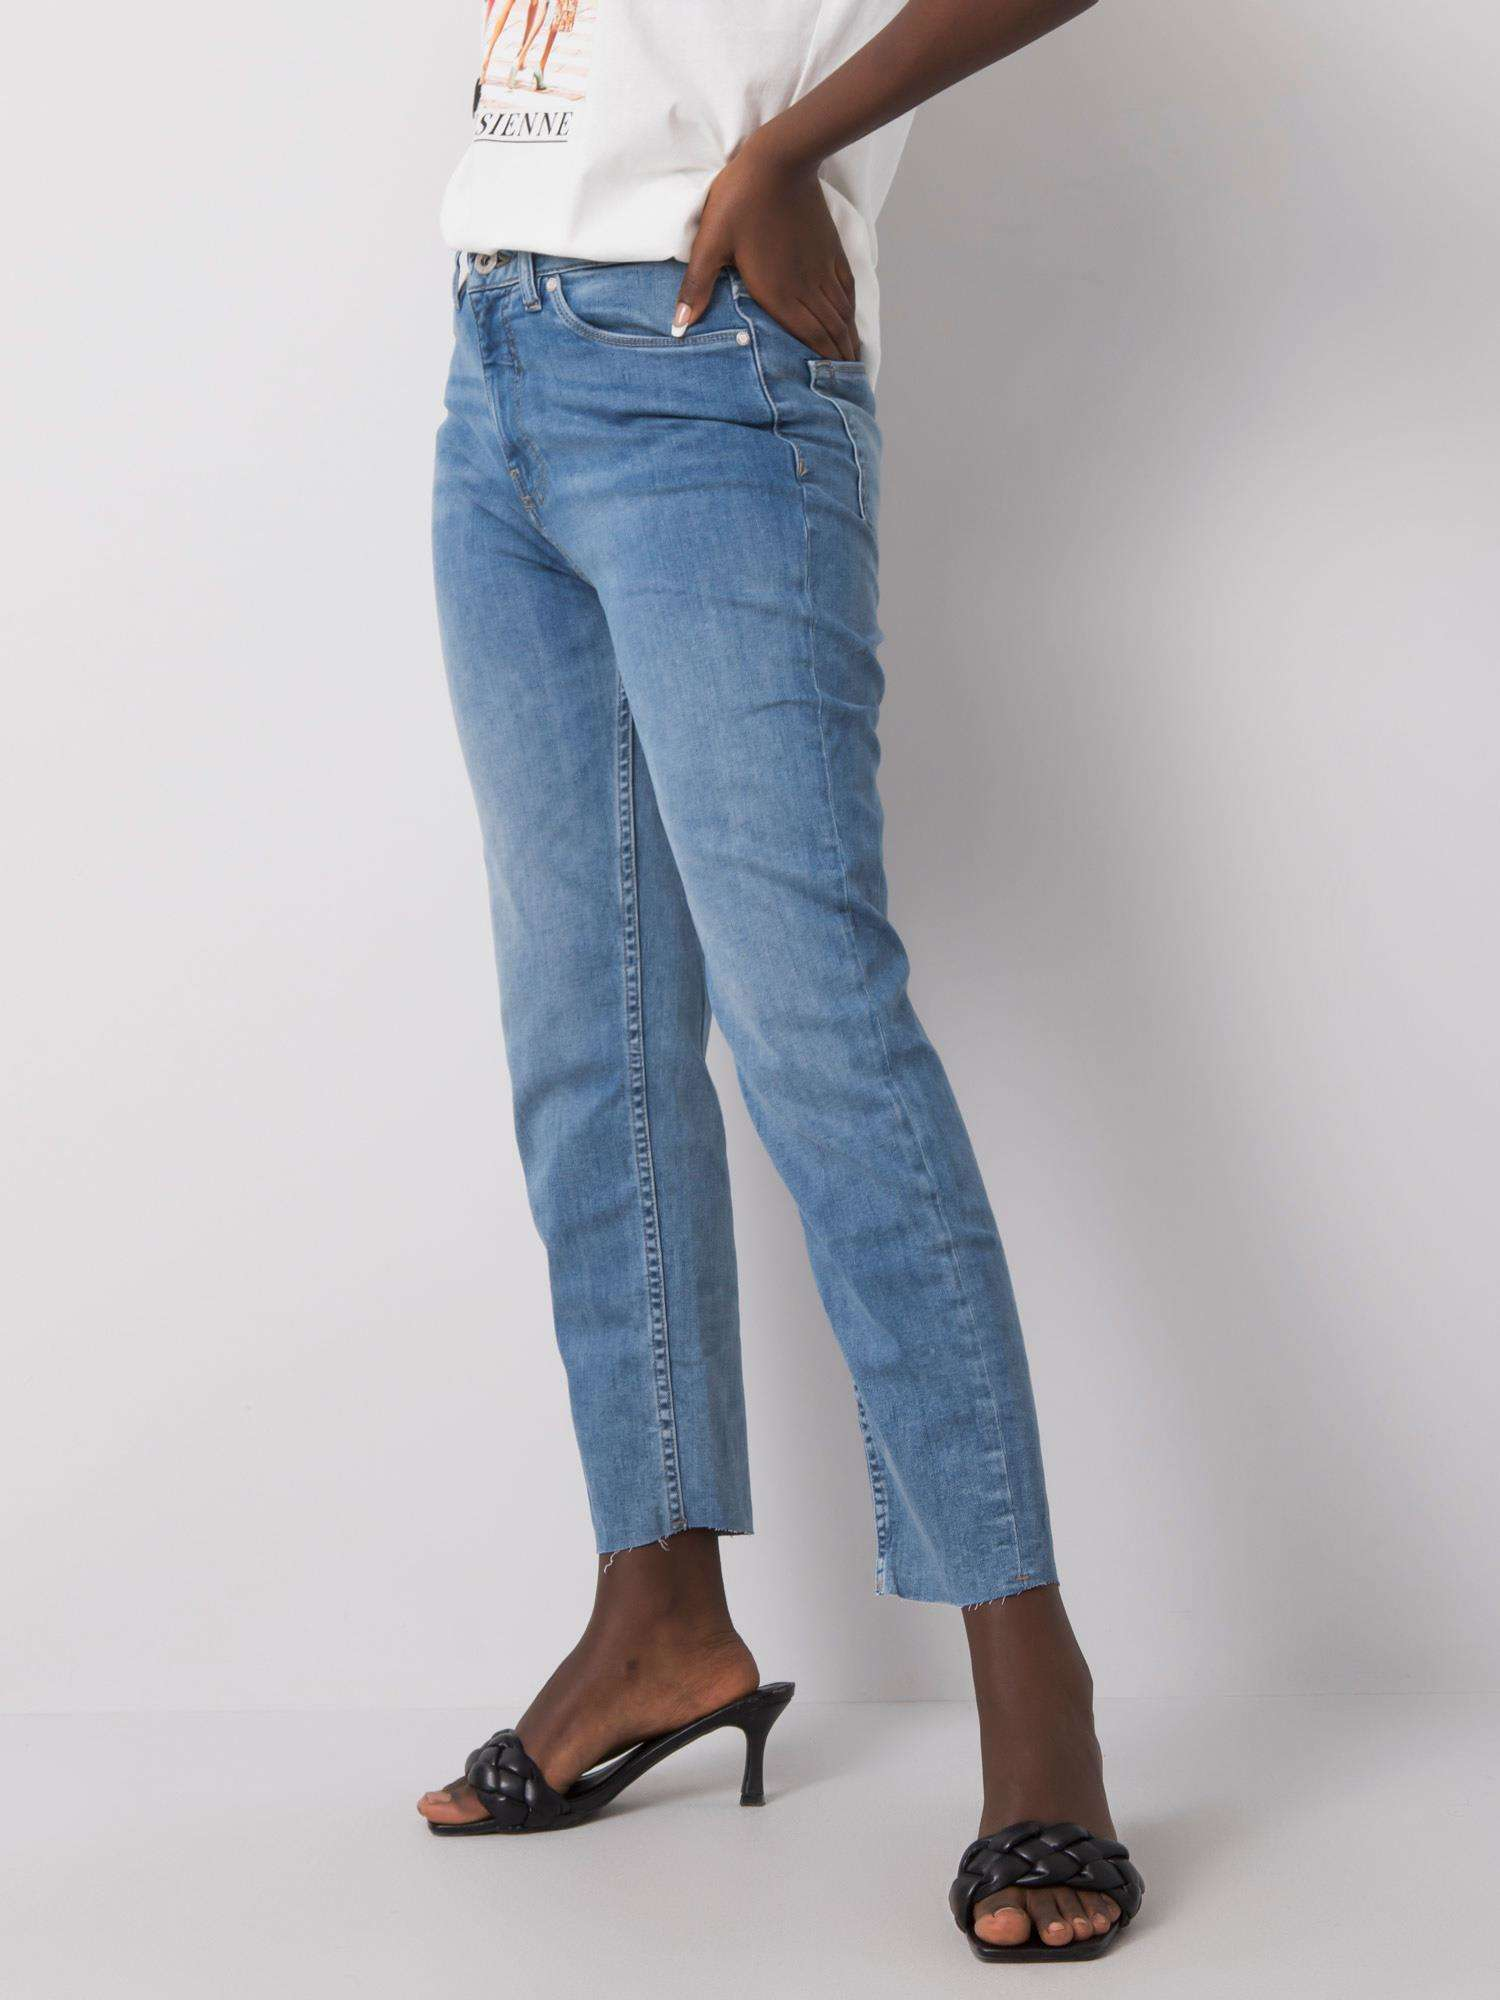 Jeans in Hellblau Seitenansicht